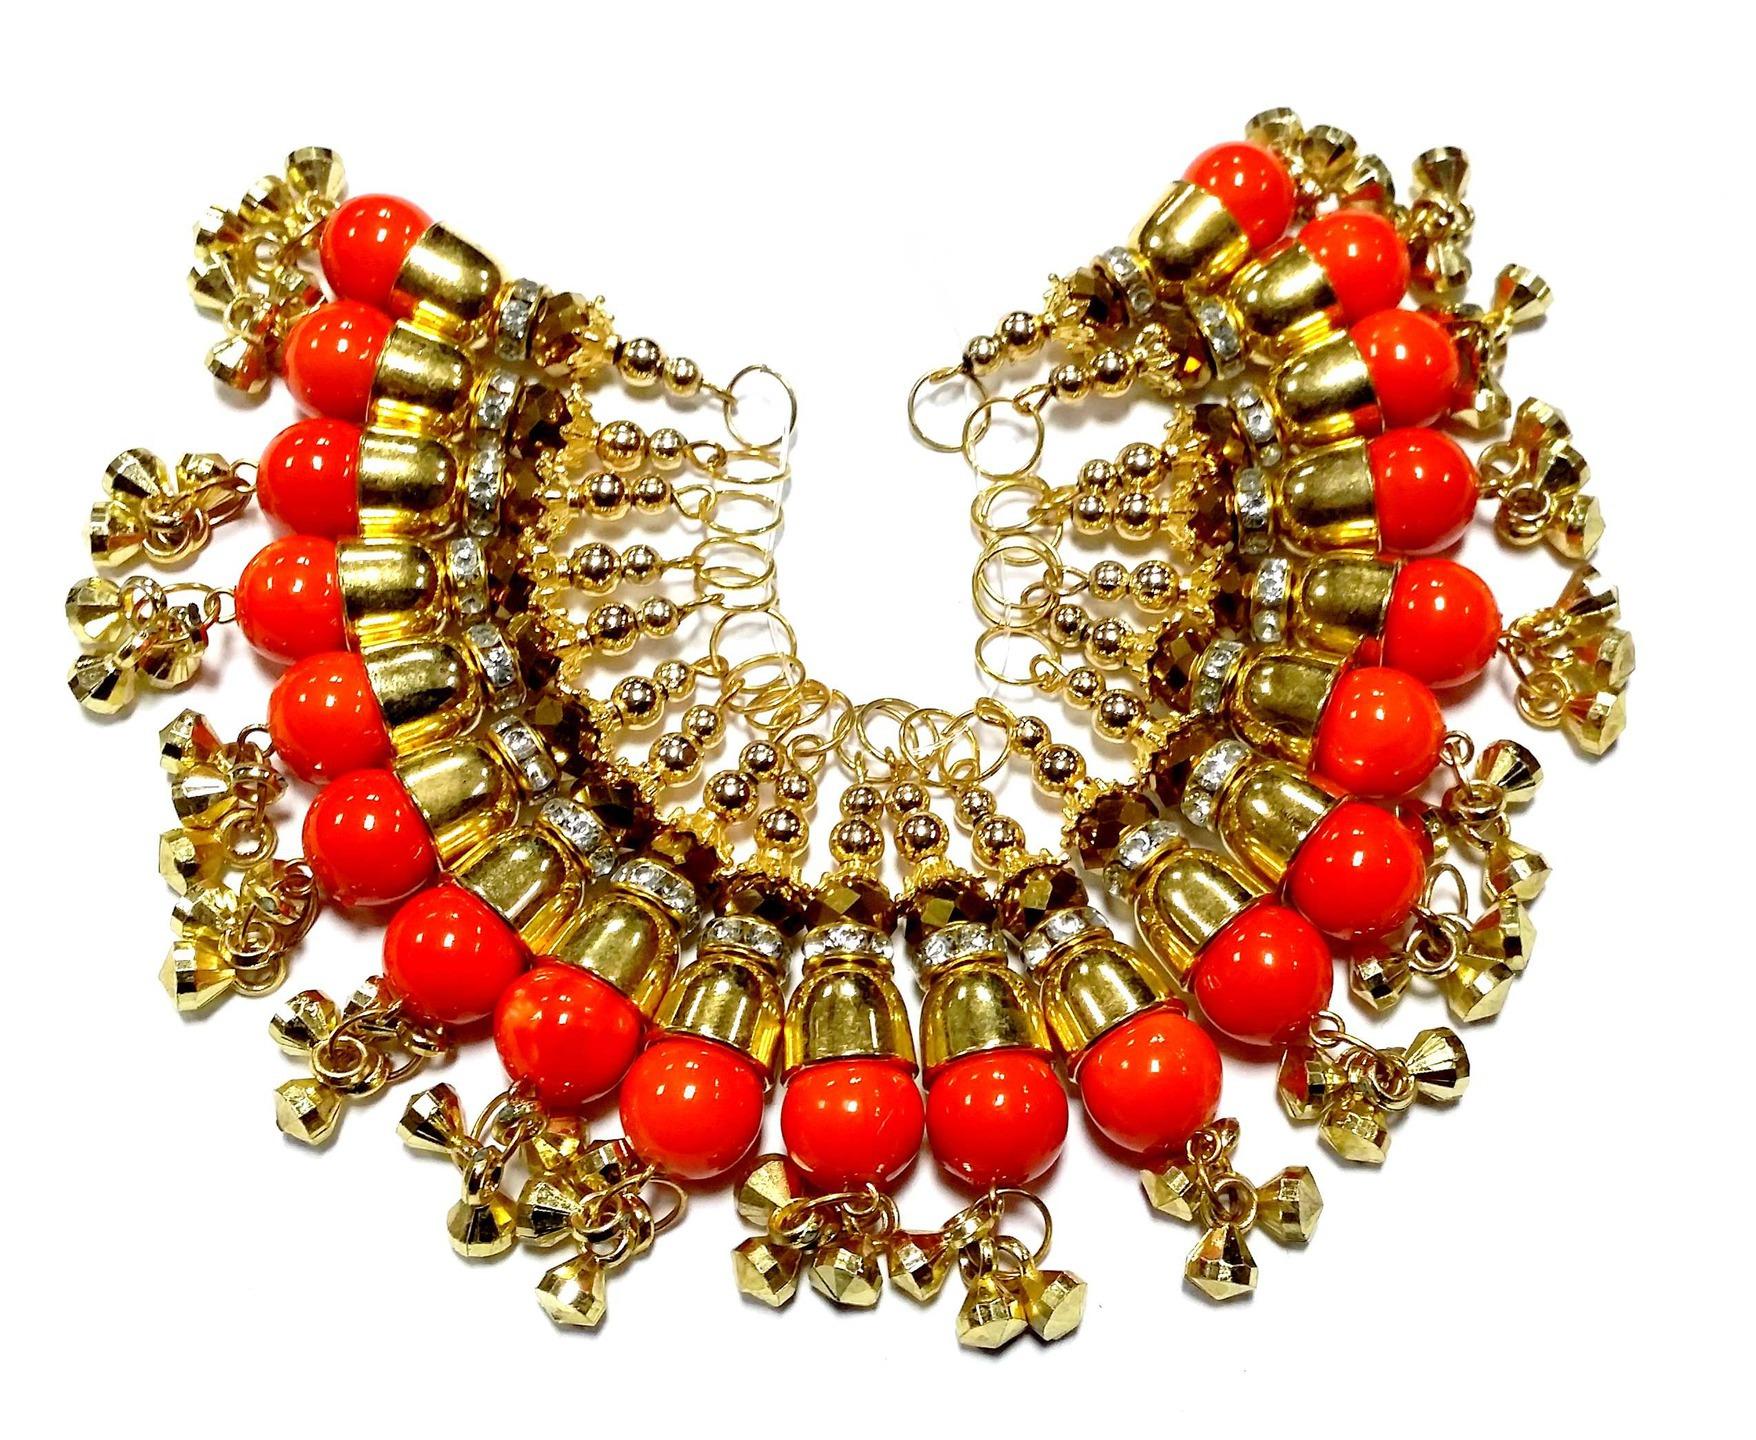 5e42b5bf3afd2 Boutique accessoires bijoux fantaisie - La boutique de Maud